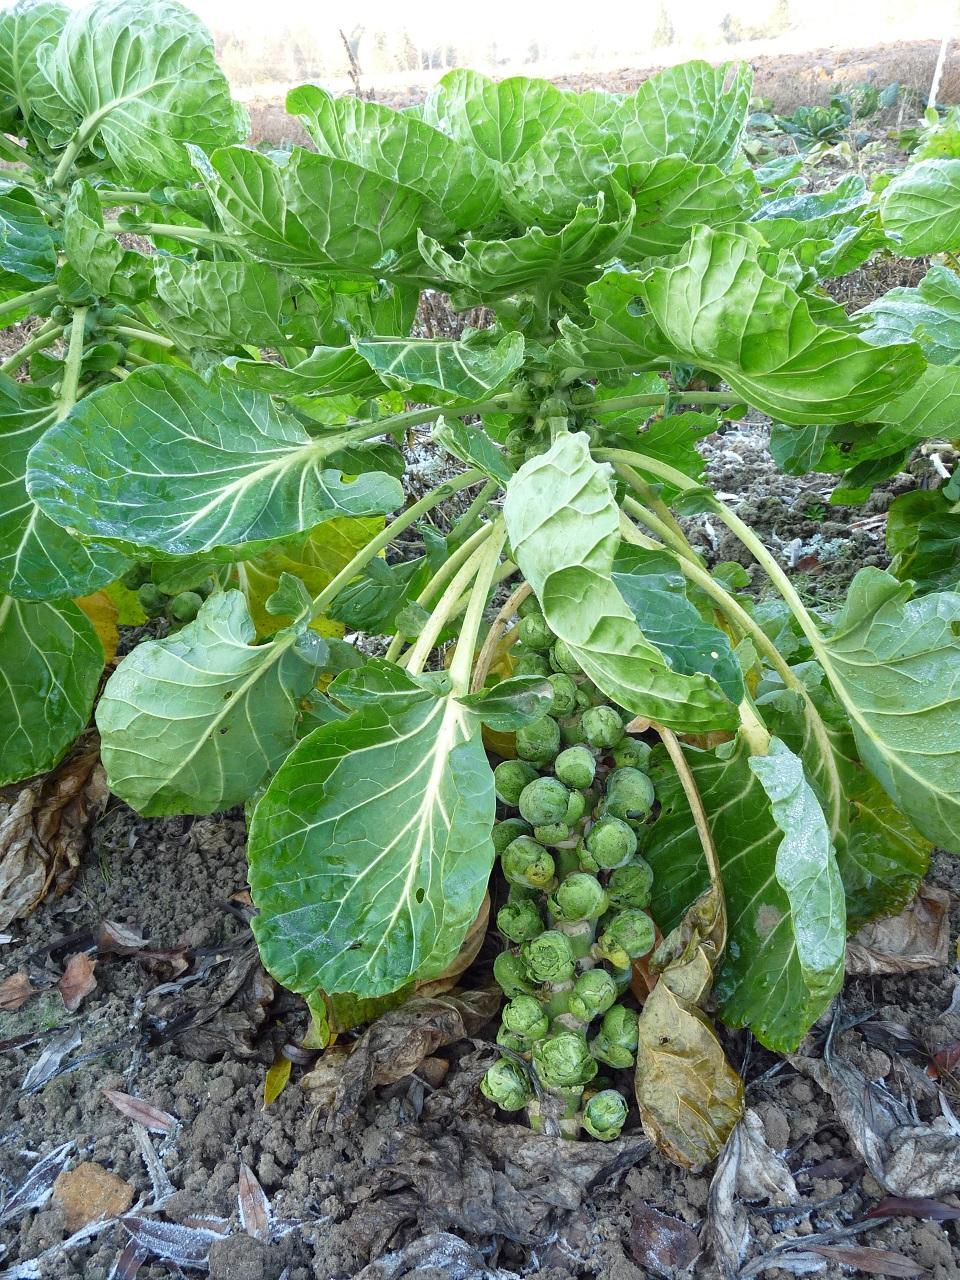 2013 amap plaisir des saveurs - Choux de bruxelles plantation ...